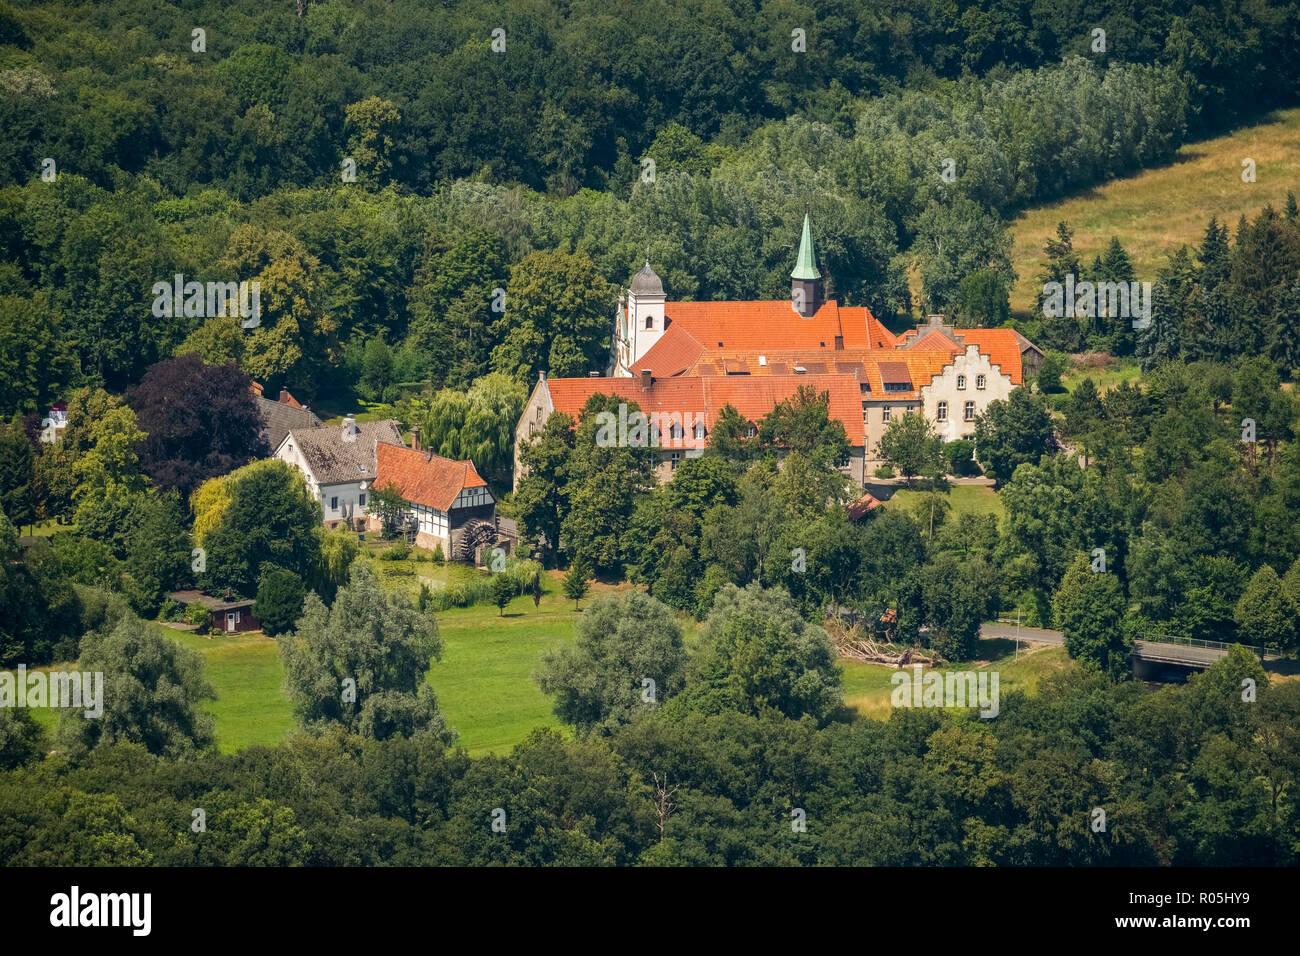 Aerial view, Kloster Vinnenberg - Place Spiritual Experiences, Landgasthof - Zum kühlen Grunde, Bever, State Forest Vinnenberger Busch, Warendorf, Mün - Stock Image